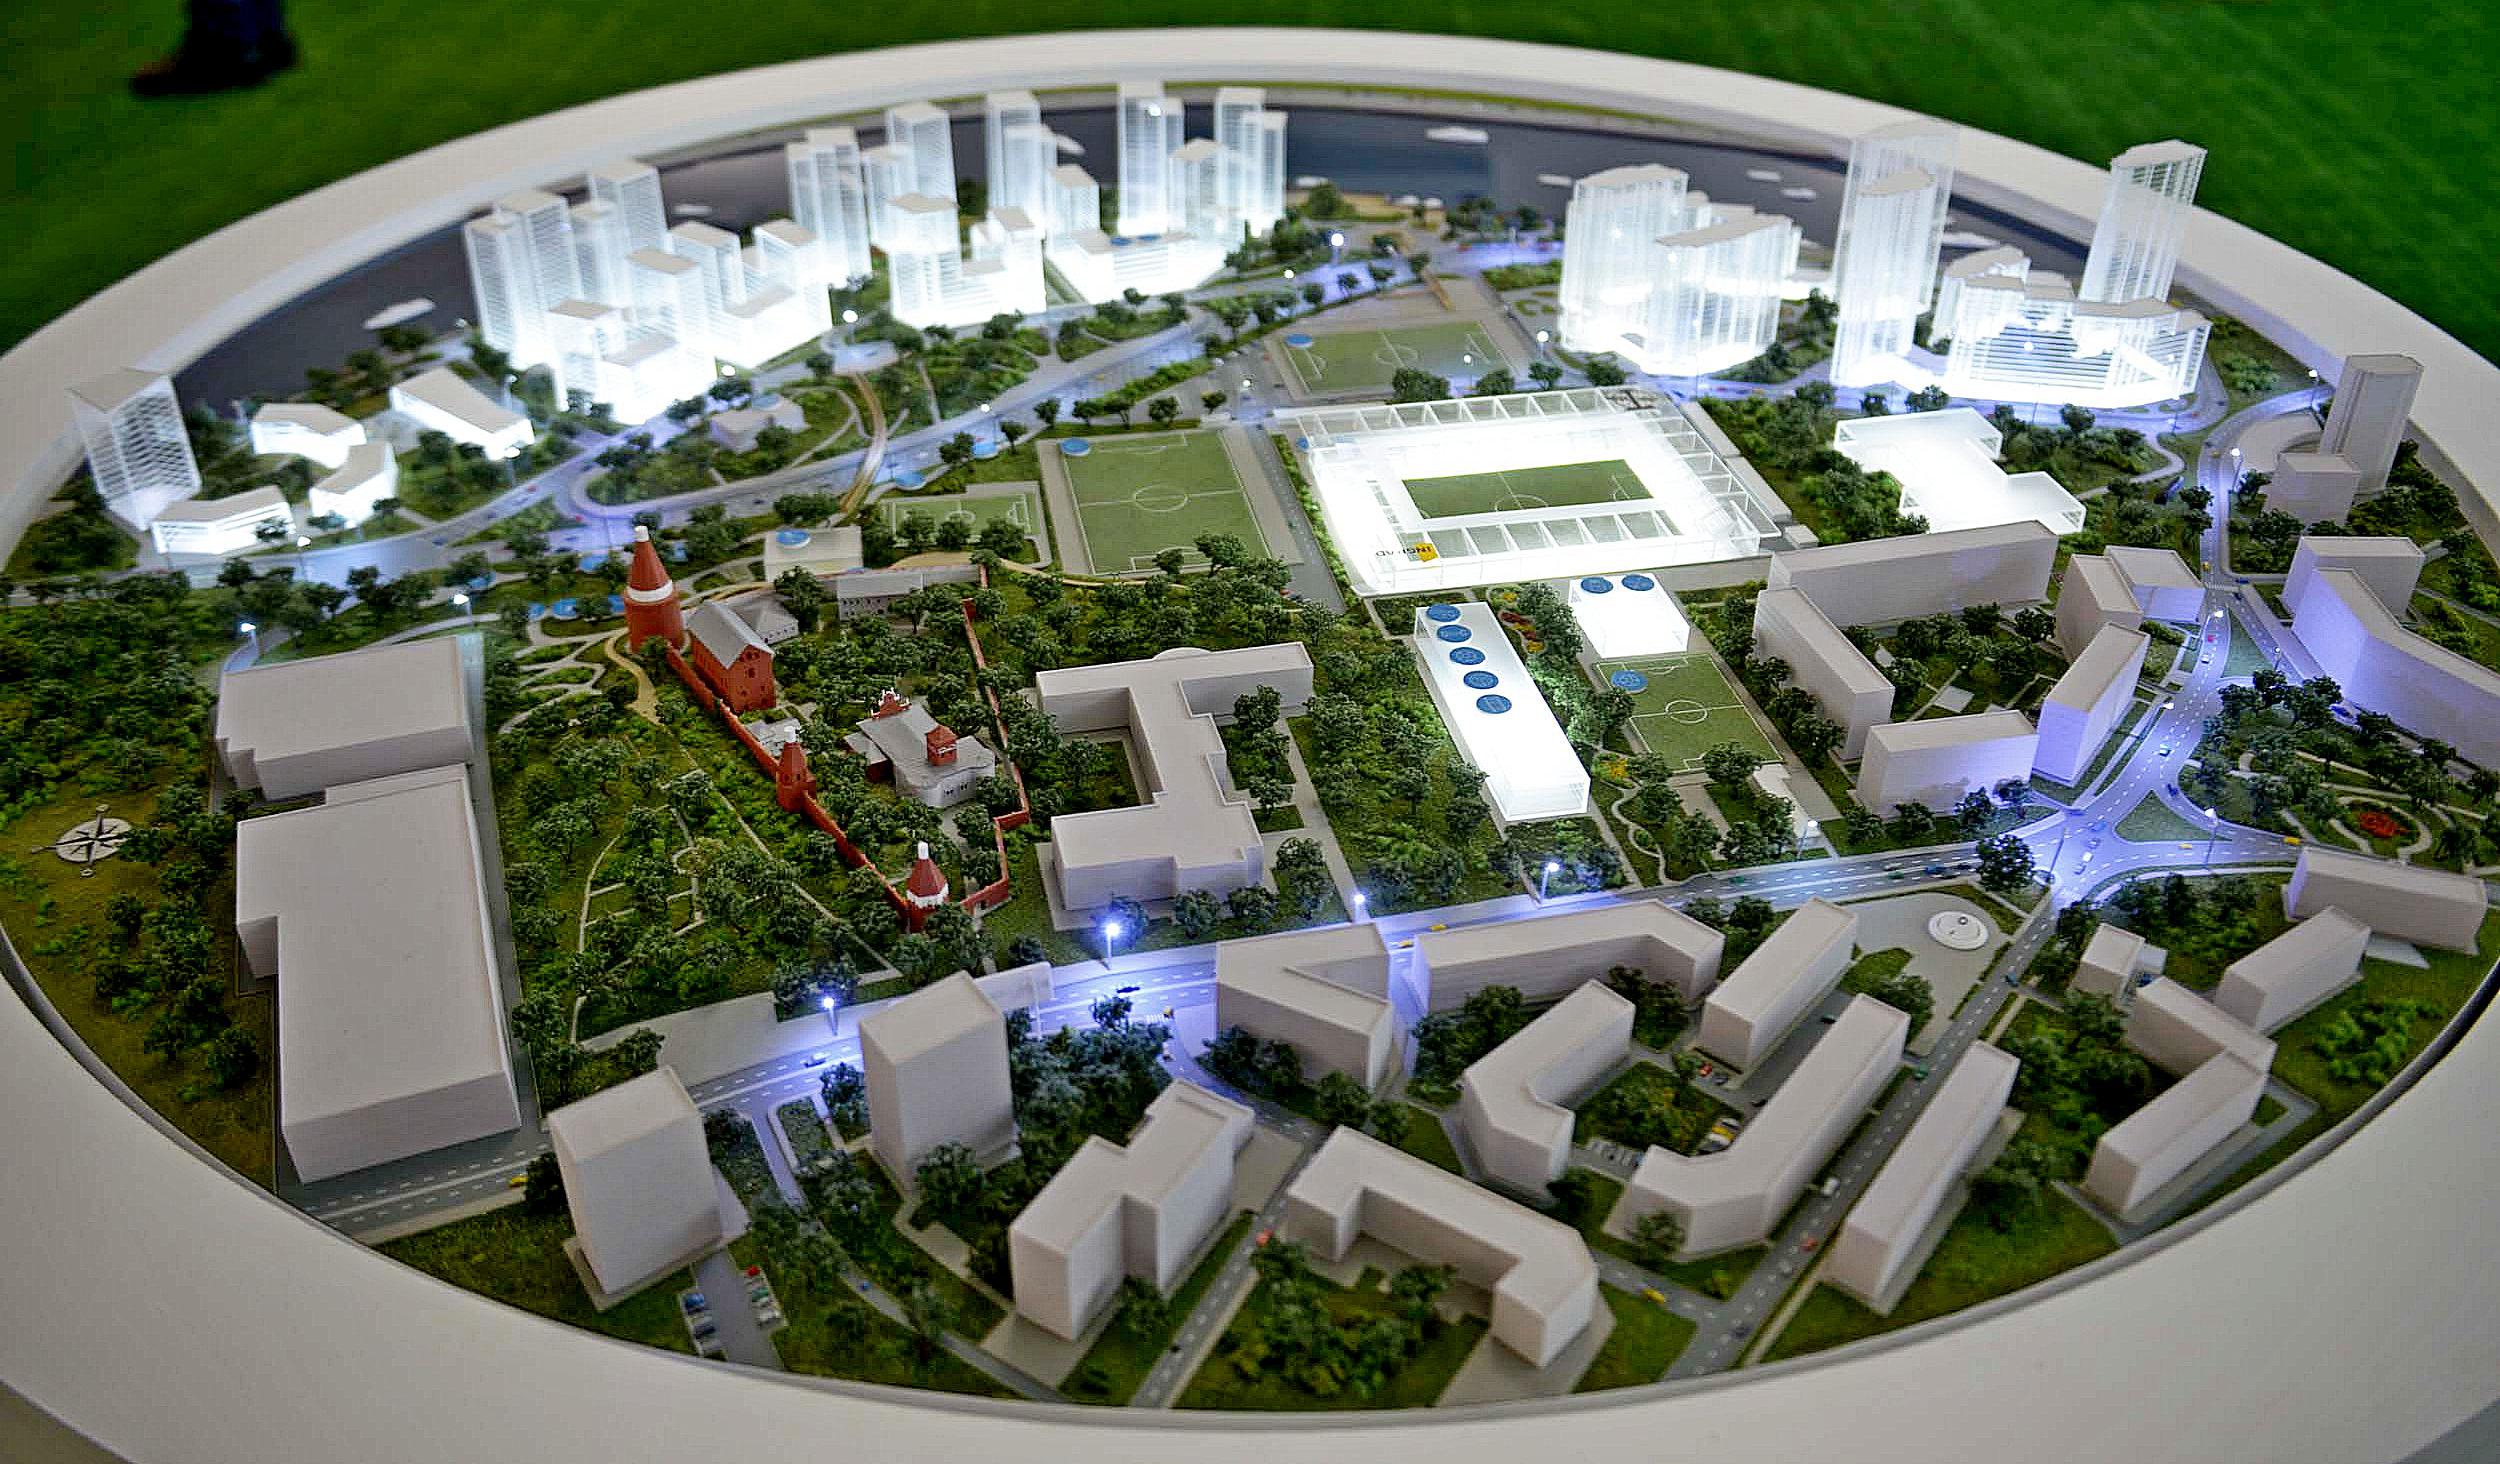 Болельщикам «Торпедо» показали проект развития клуба до 2024 года